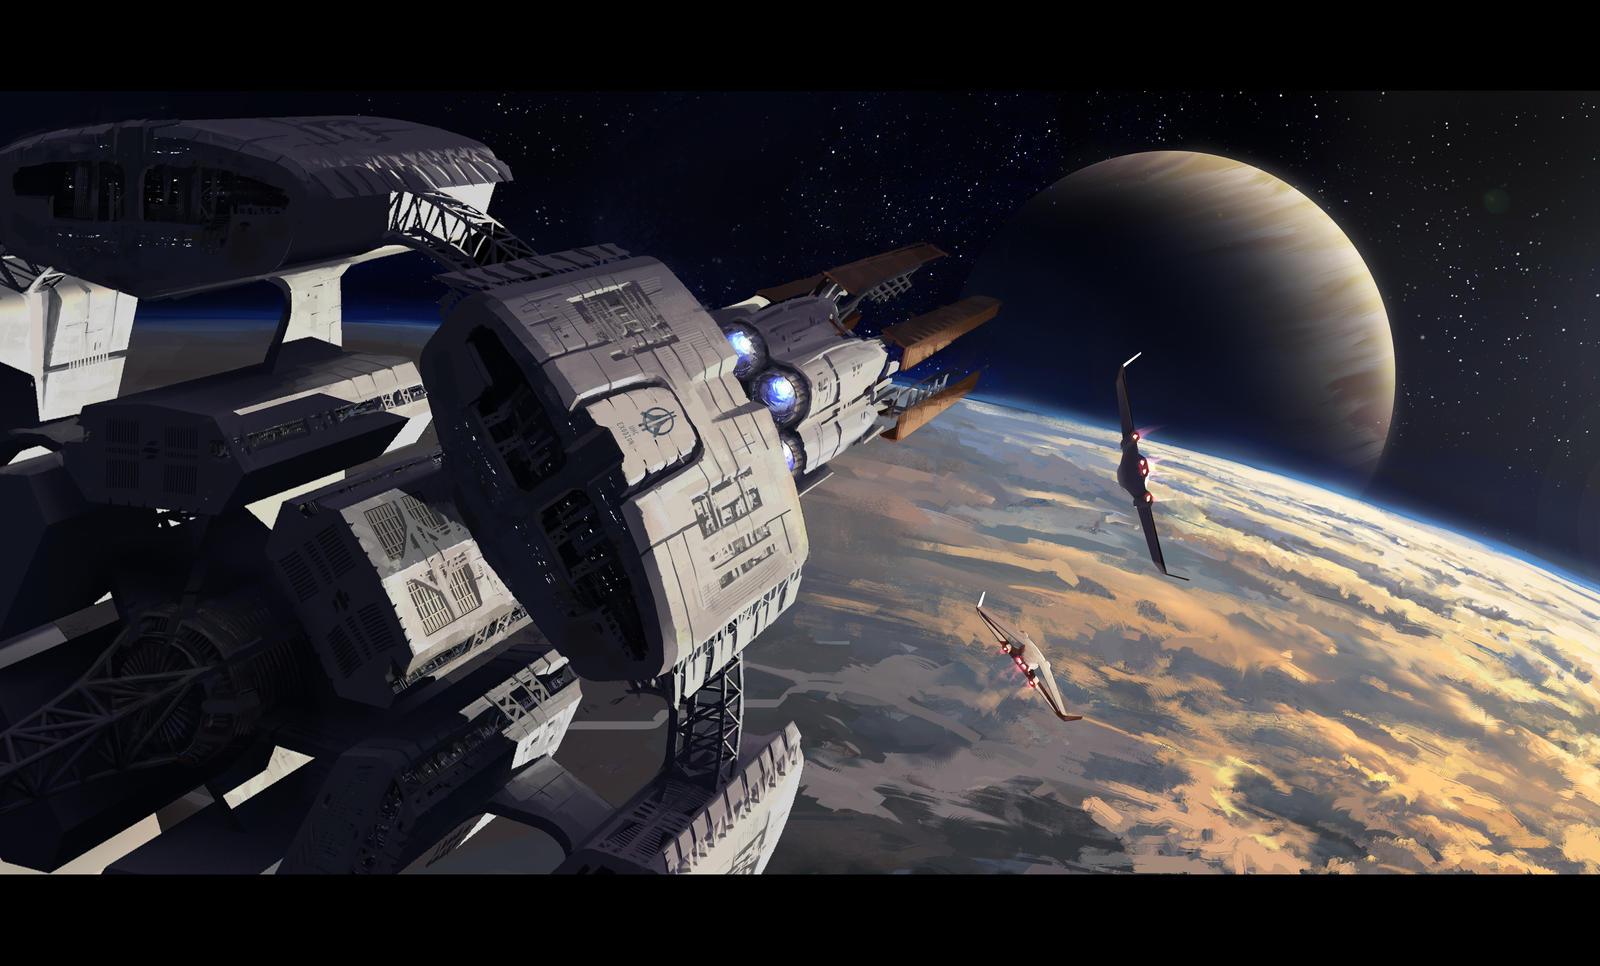 Trapaski, WIPs divers - Page 5 Efkaria_01___reaching_exoplanet_orbit_by_trapaski-dcczs1e